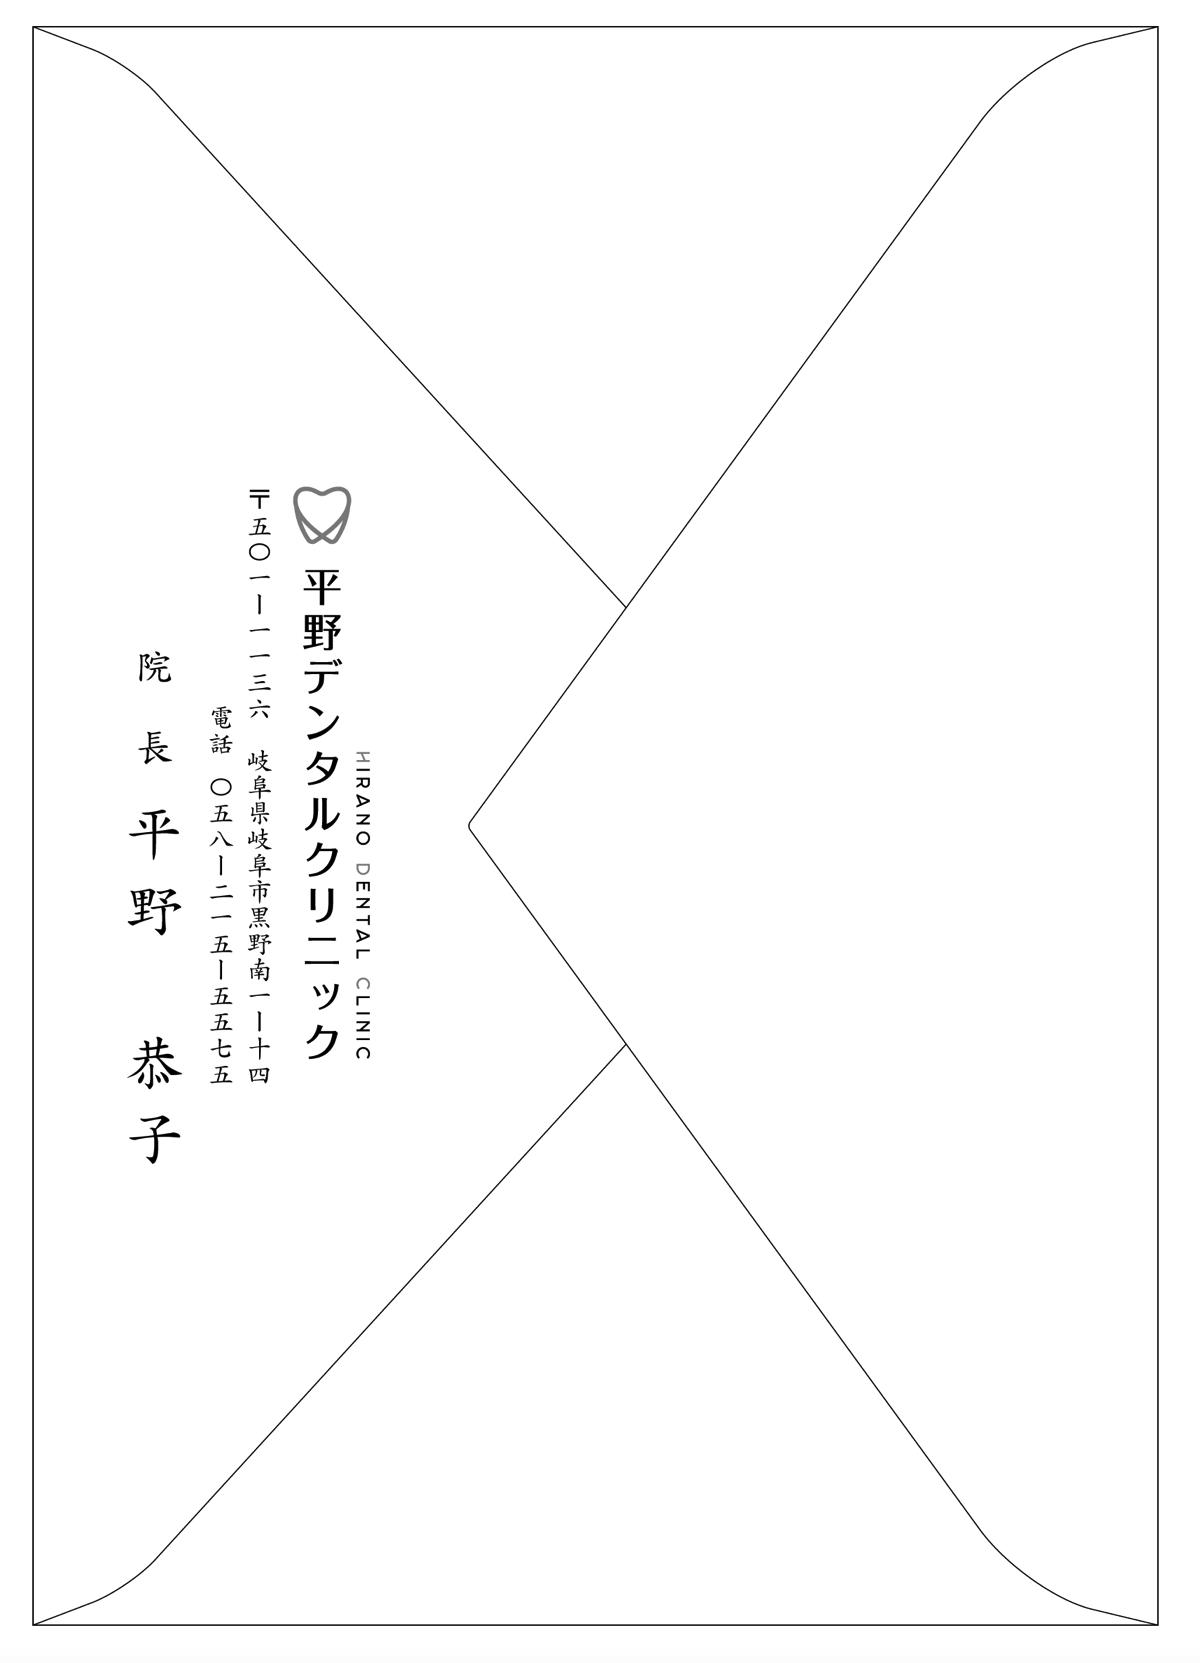 平野デンタルクリニック様 販促物各種デザイン イメージ03